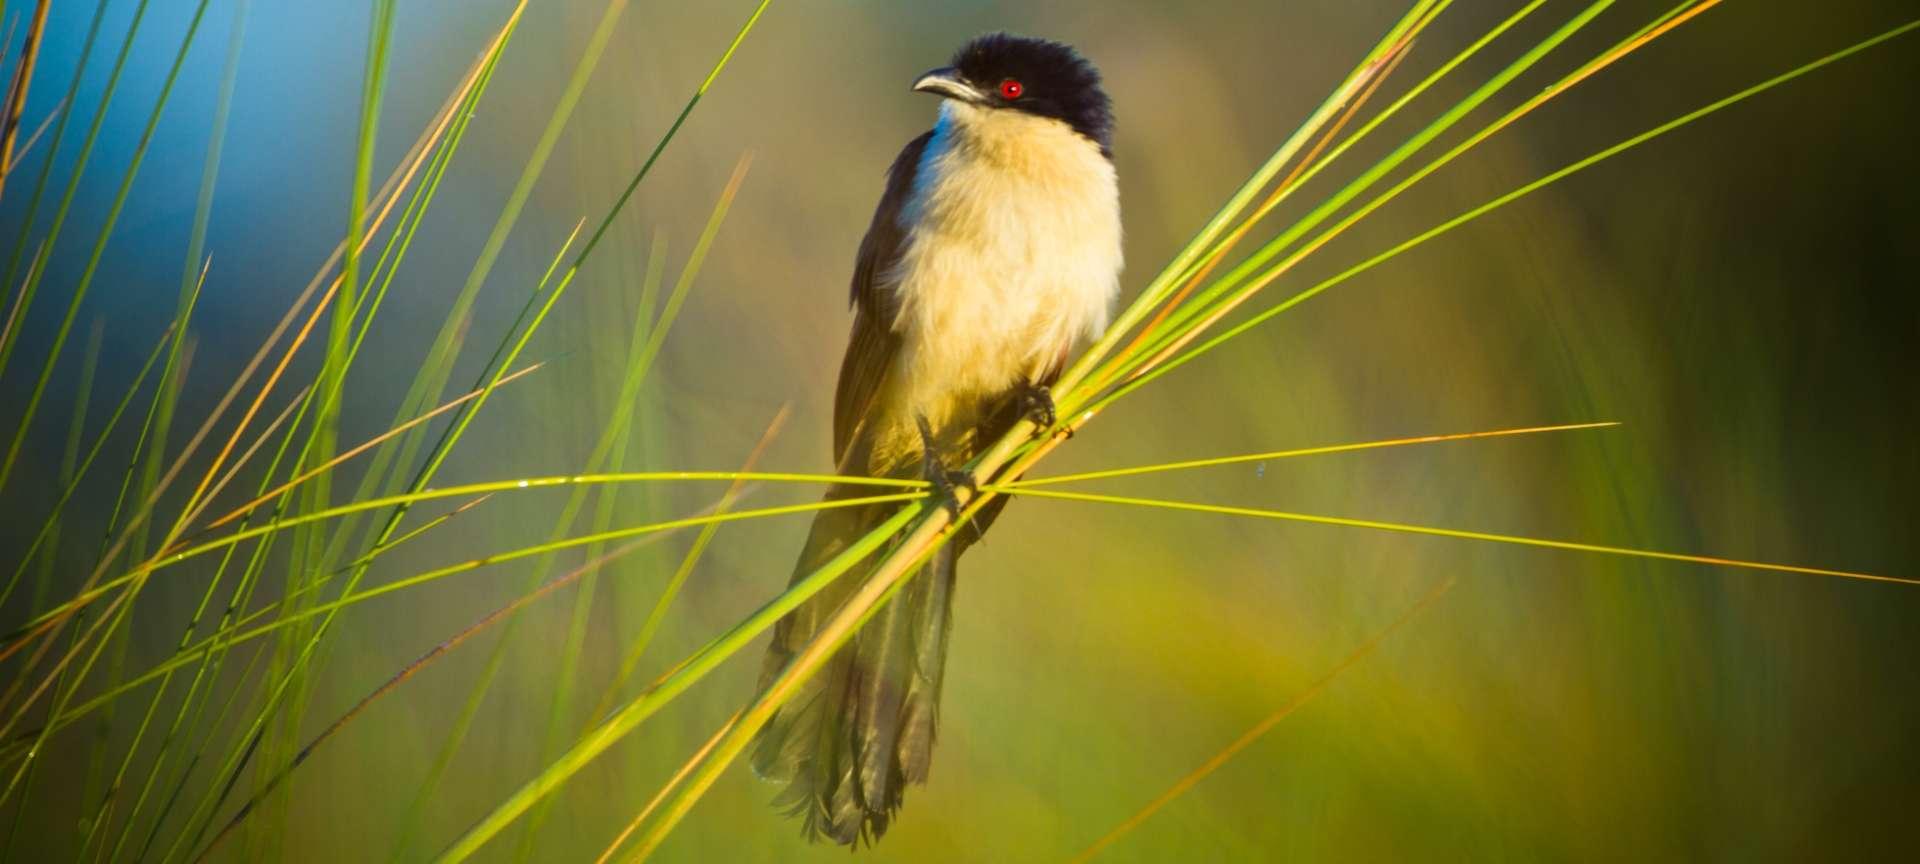 Xaxaba - Africa Wildlife Safaris